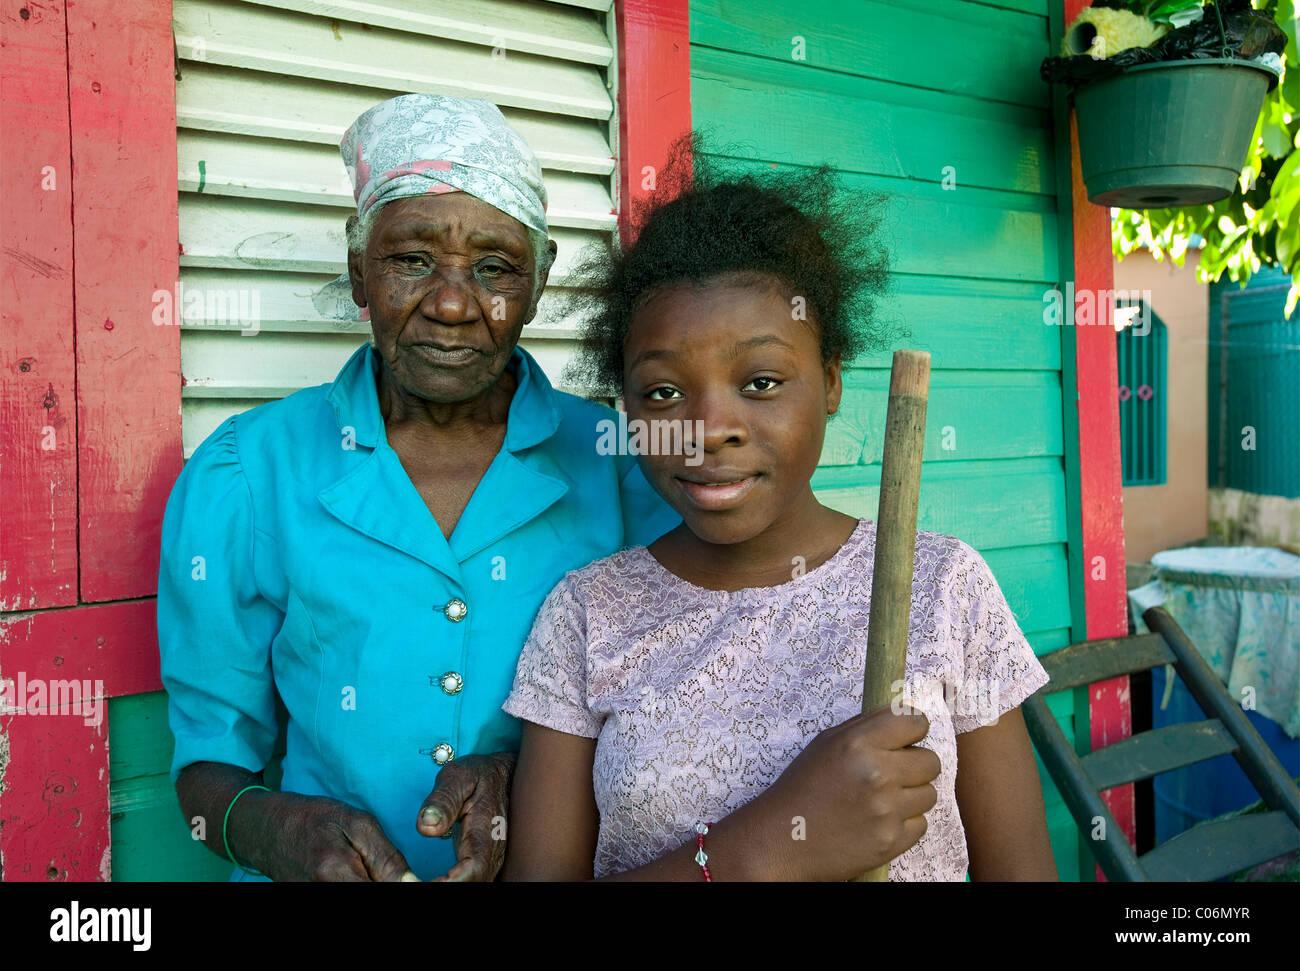 La gente del luogo al di fuori di casa, Otrabanda, Repubblica Dominicana Immagini Stock